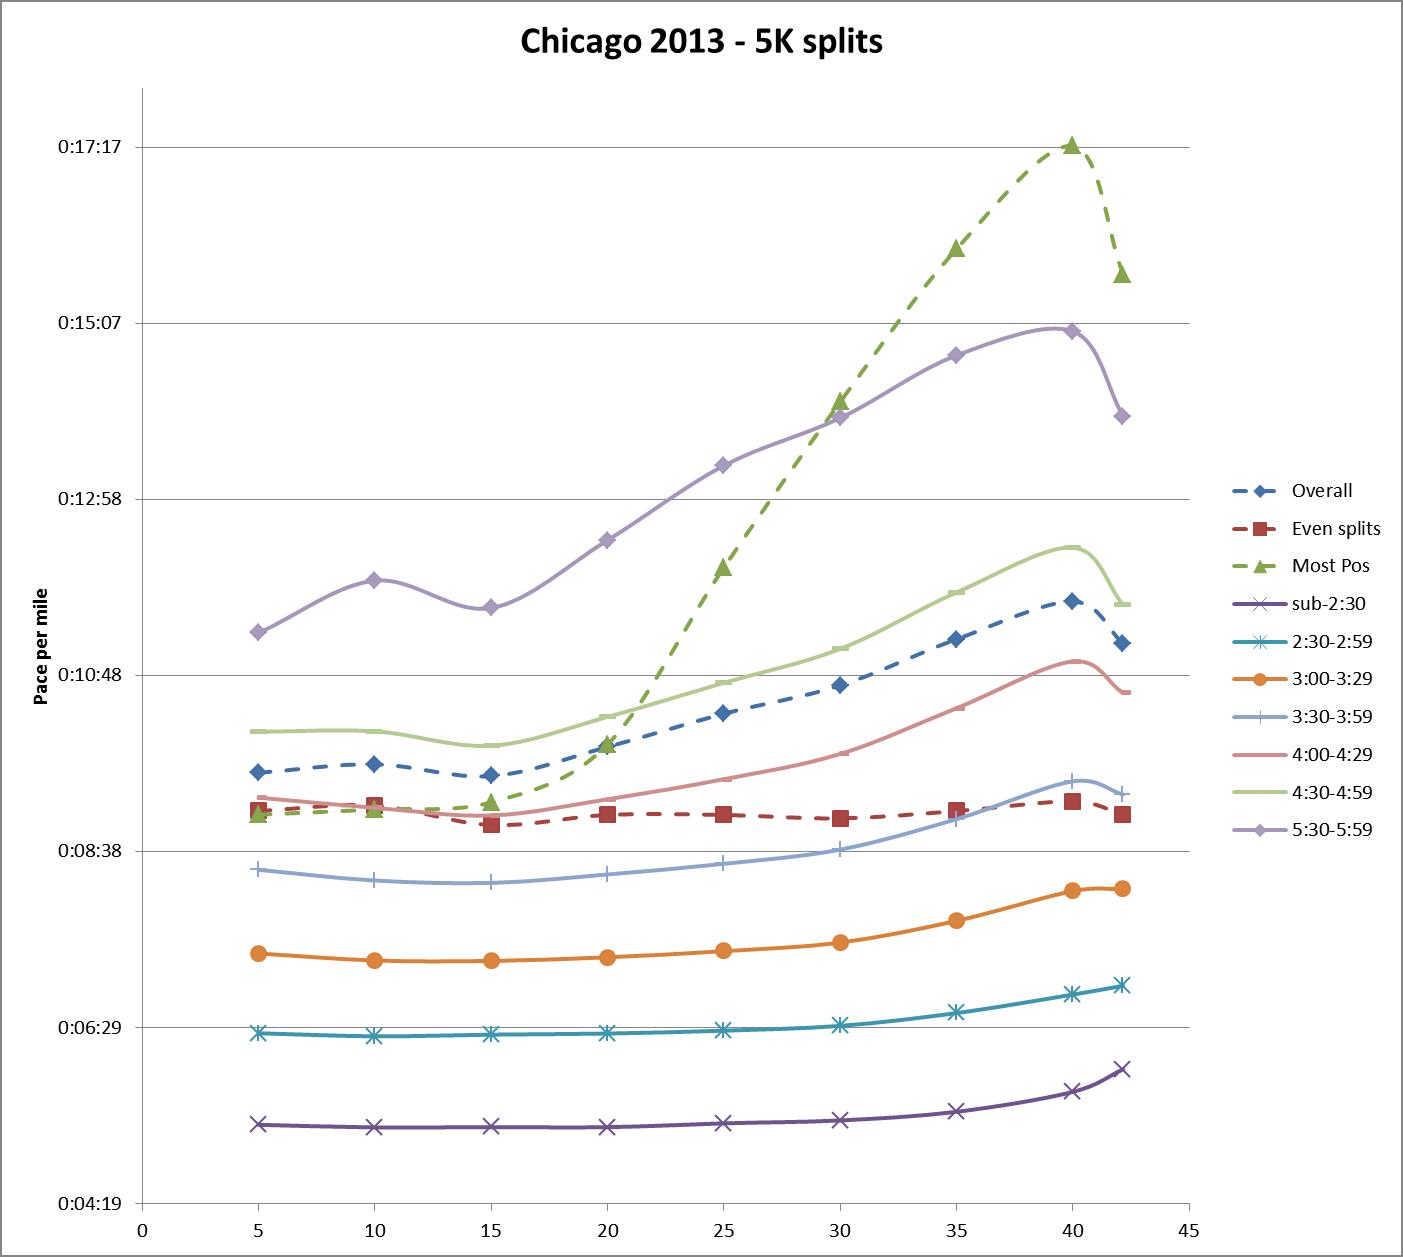 chi2013-5K splits